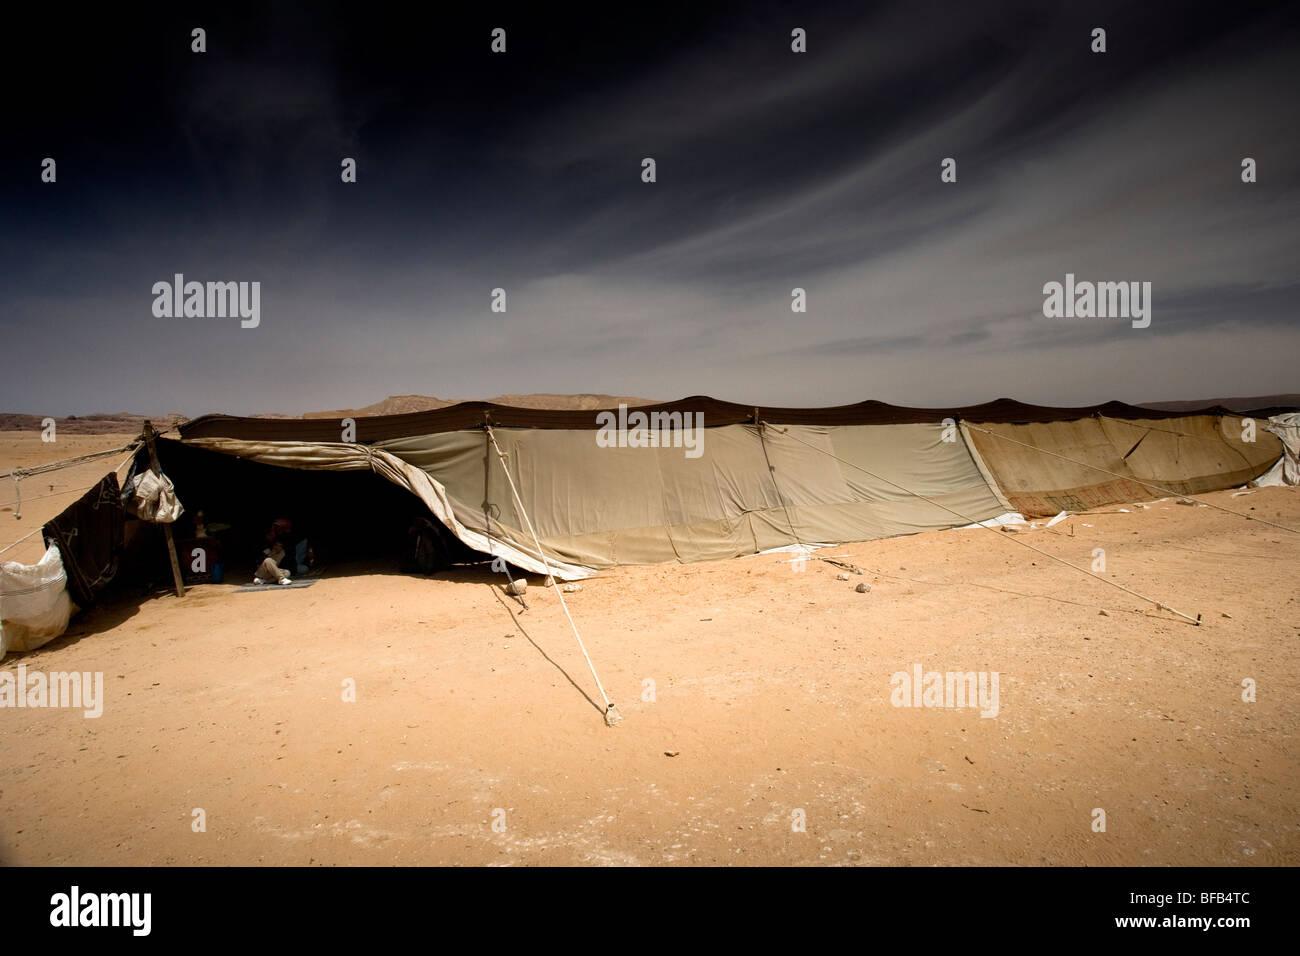 Bedouin camp, Wadi rum, Jordan - Stock Image